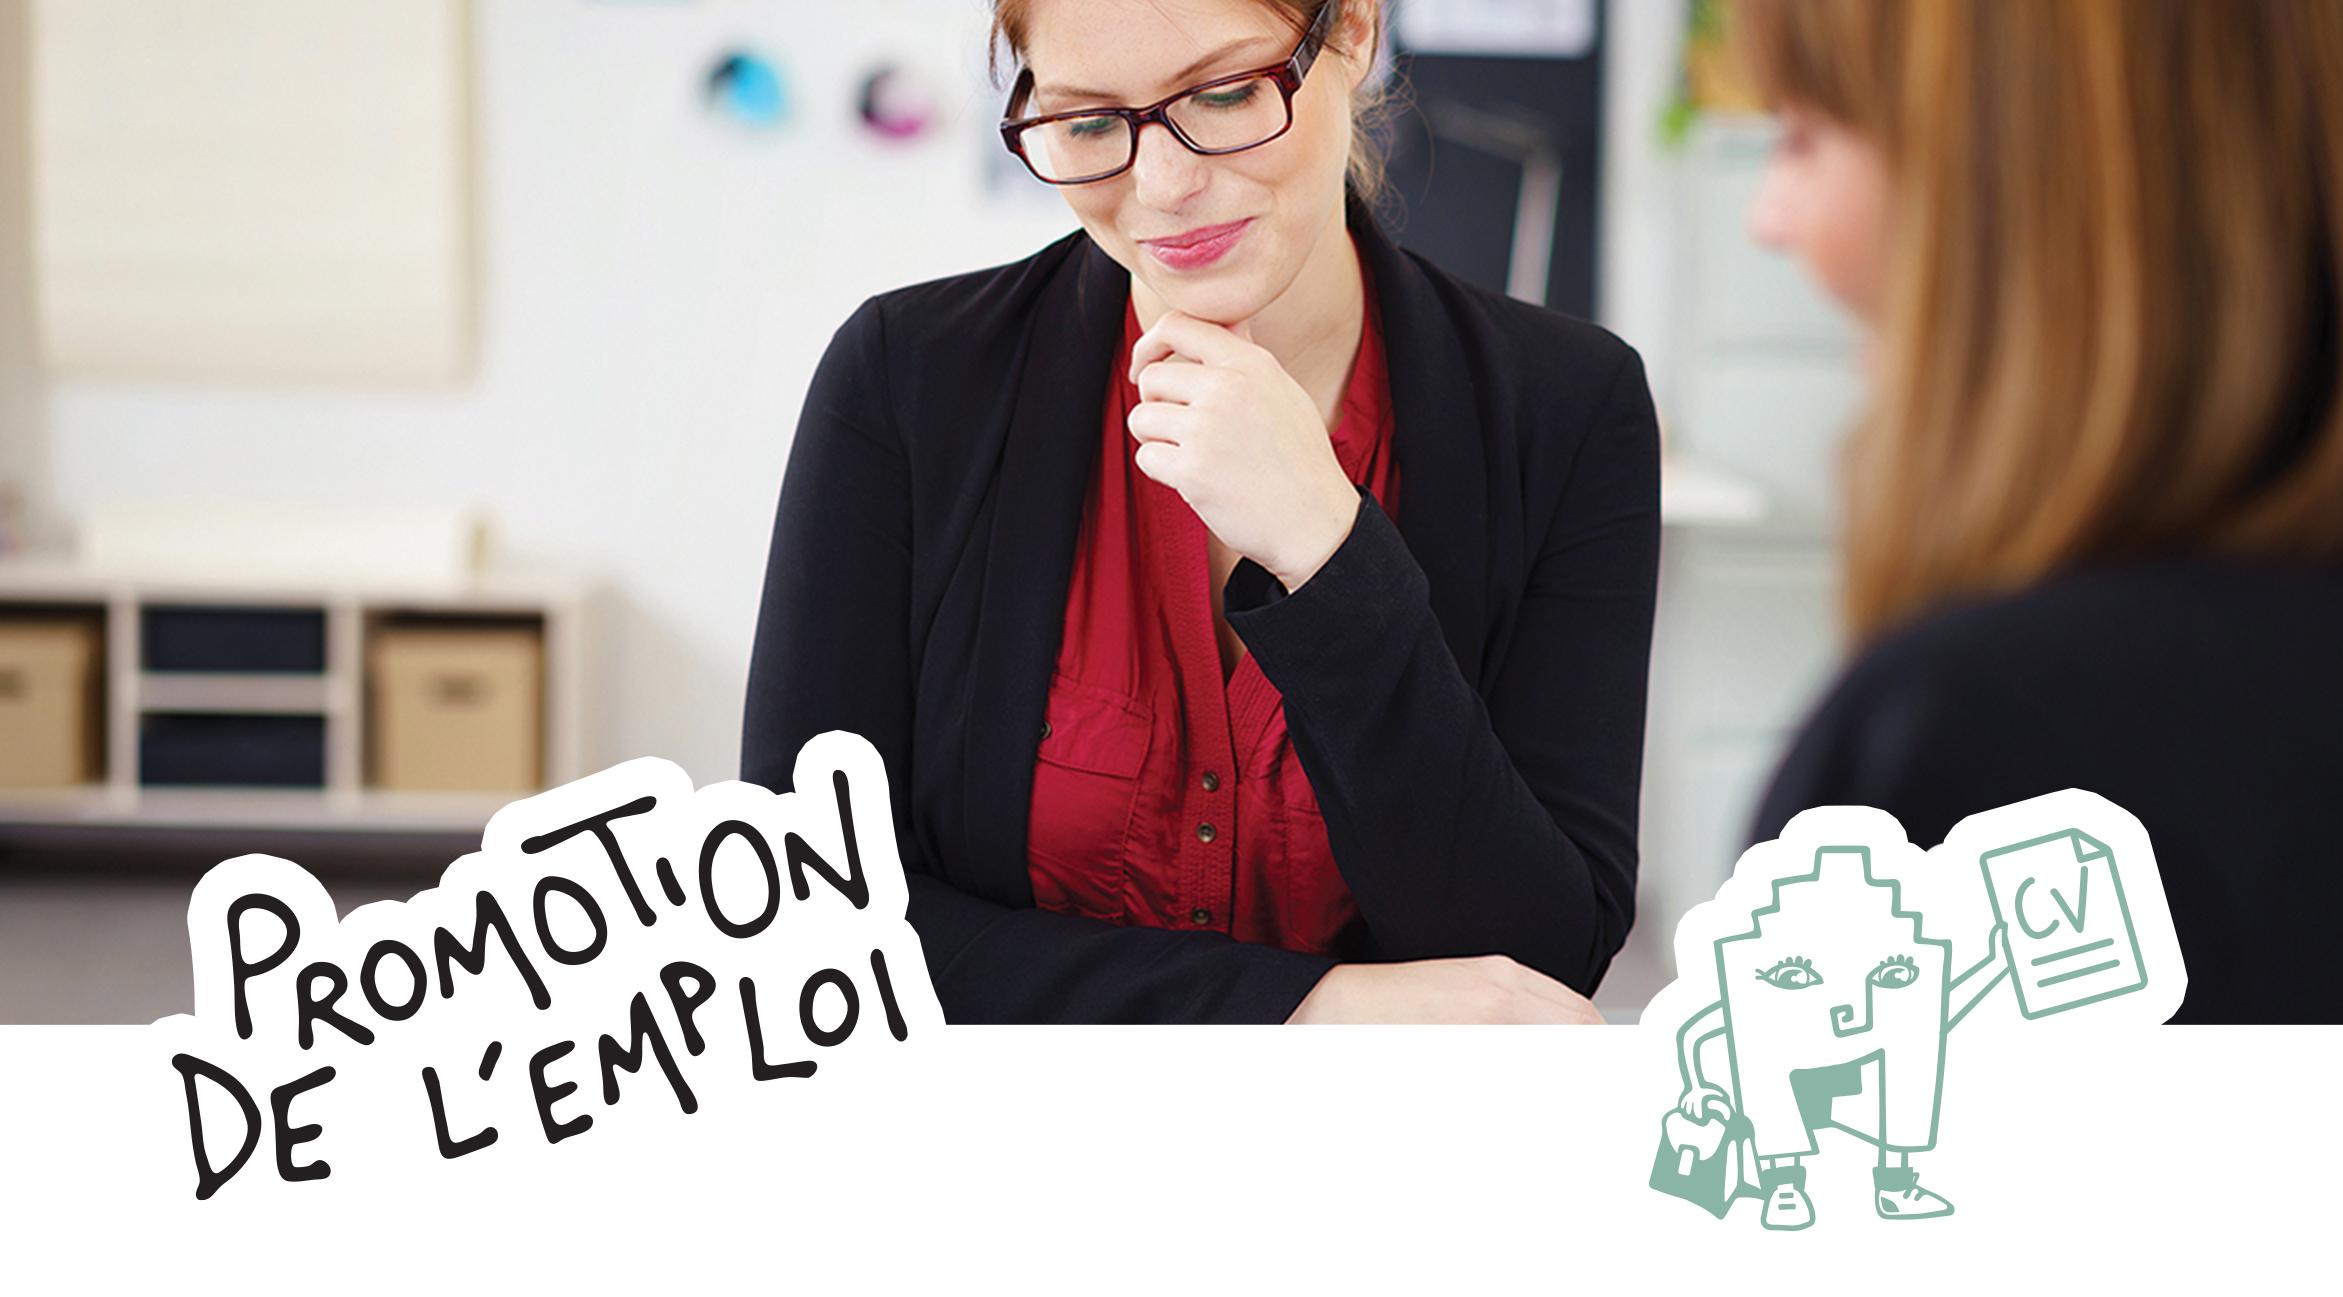 Promotion de LEmploi.jpg